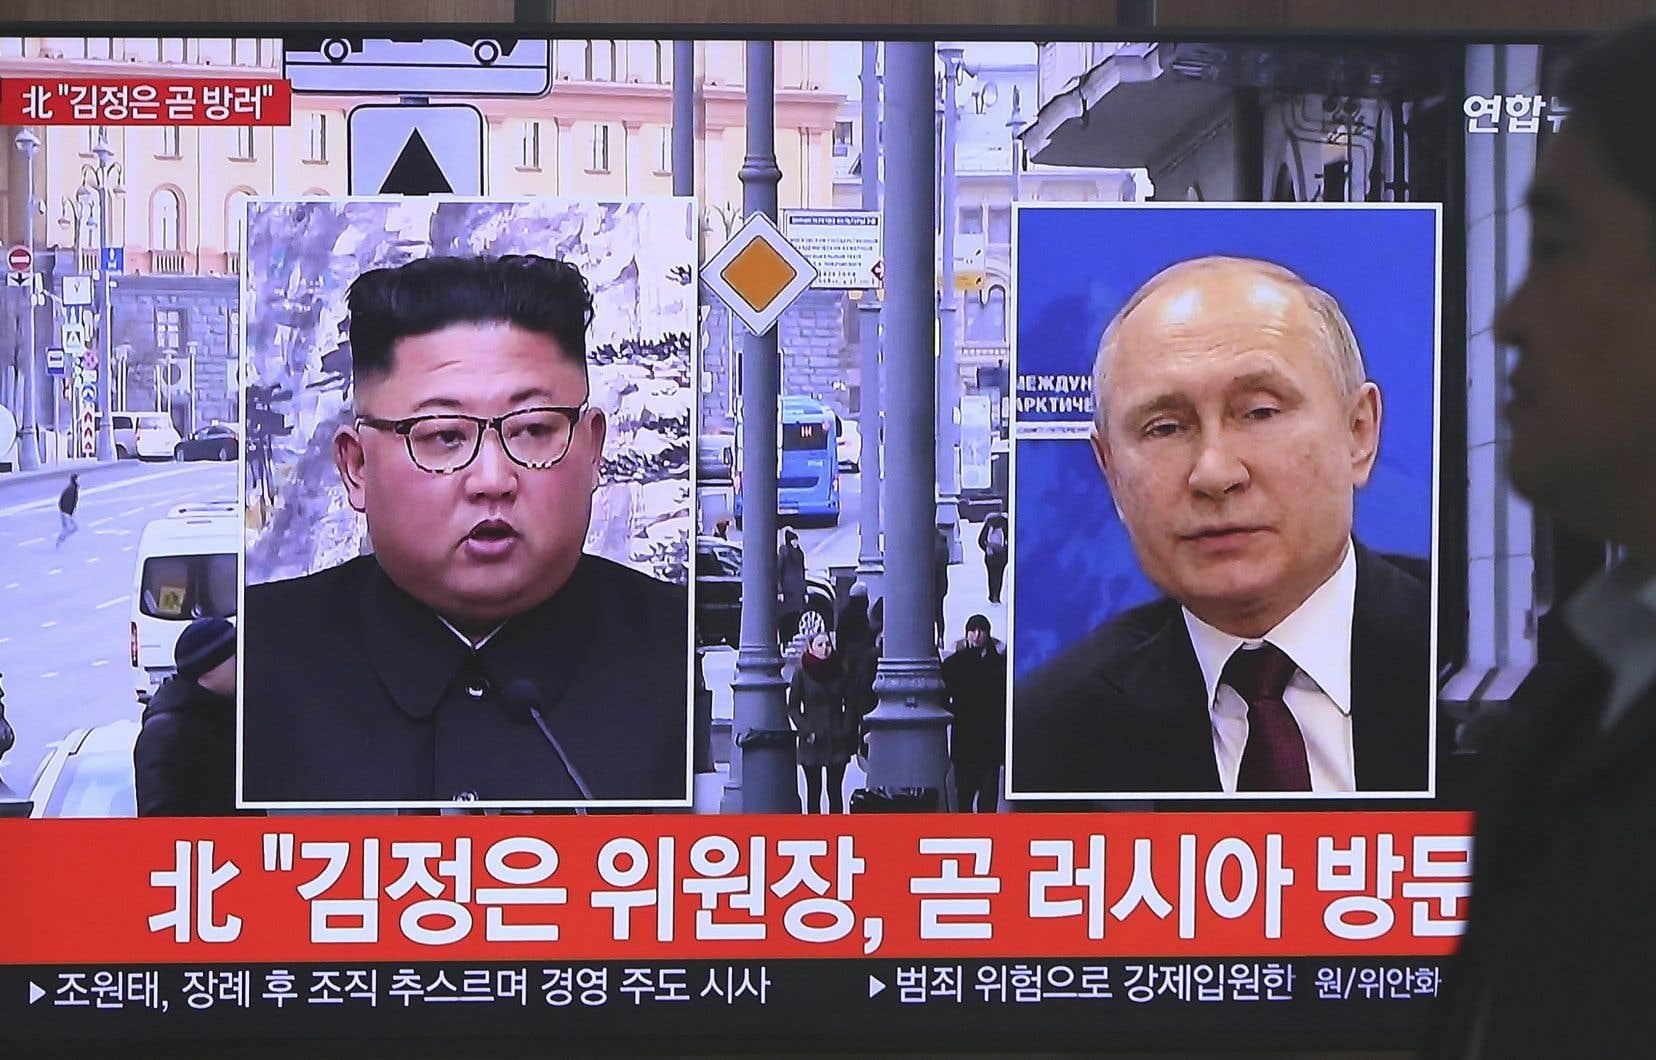 La télévision sud-coréenne faisait état, mardi, de la rencontre à venir entre Vladimir Poutine et Kim Jong-un.